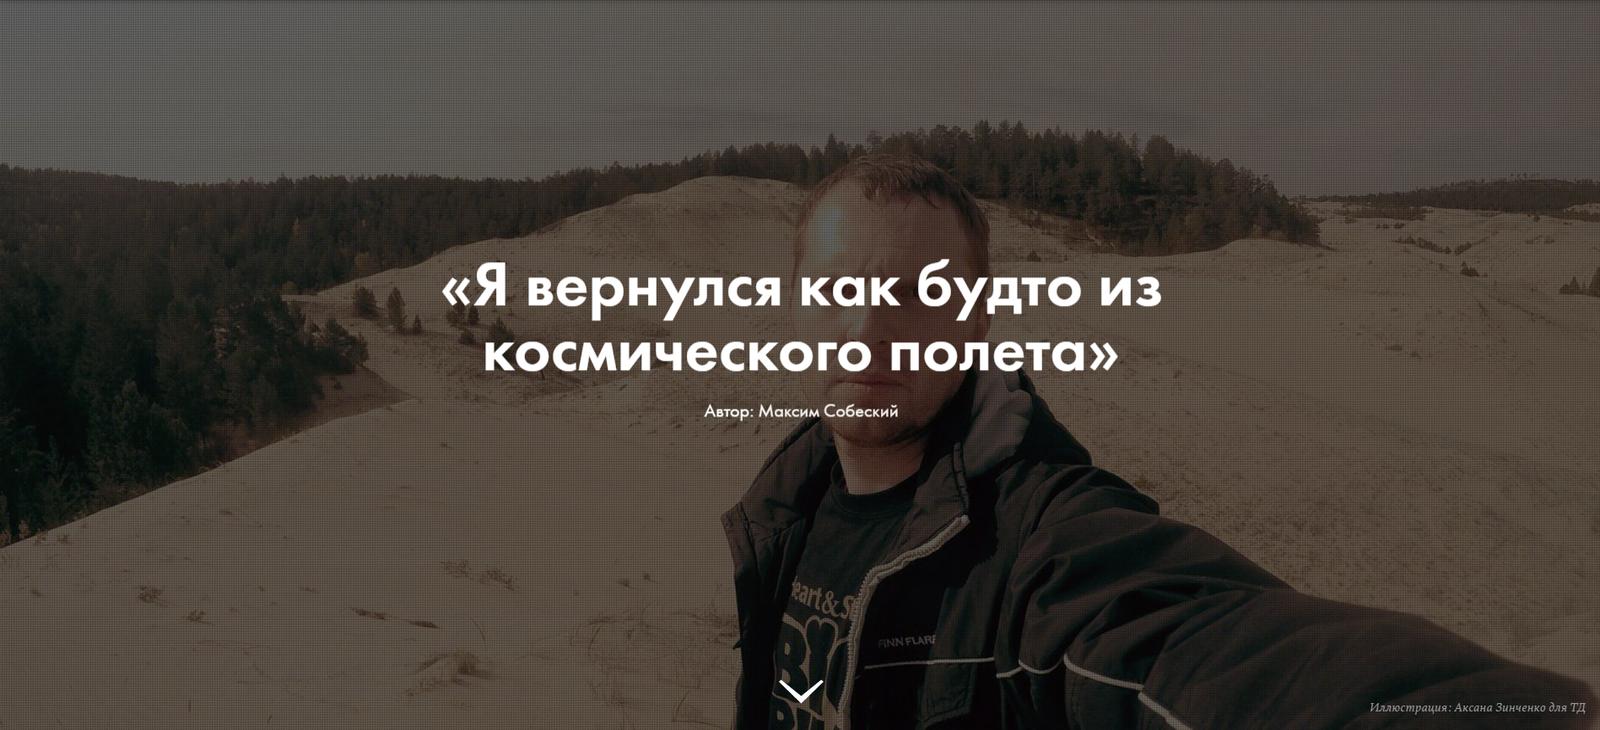 Я вернулся как будто из космического полета   Я вернулся как будто из космического полета Российская тюрьма Исламизм Быт Досрочно освободившийся националист